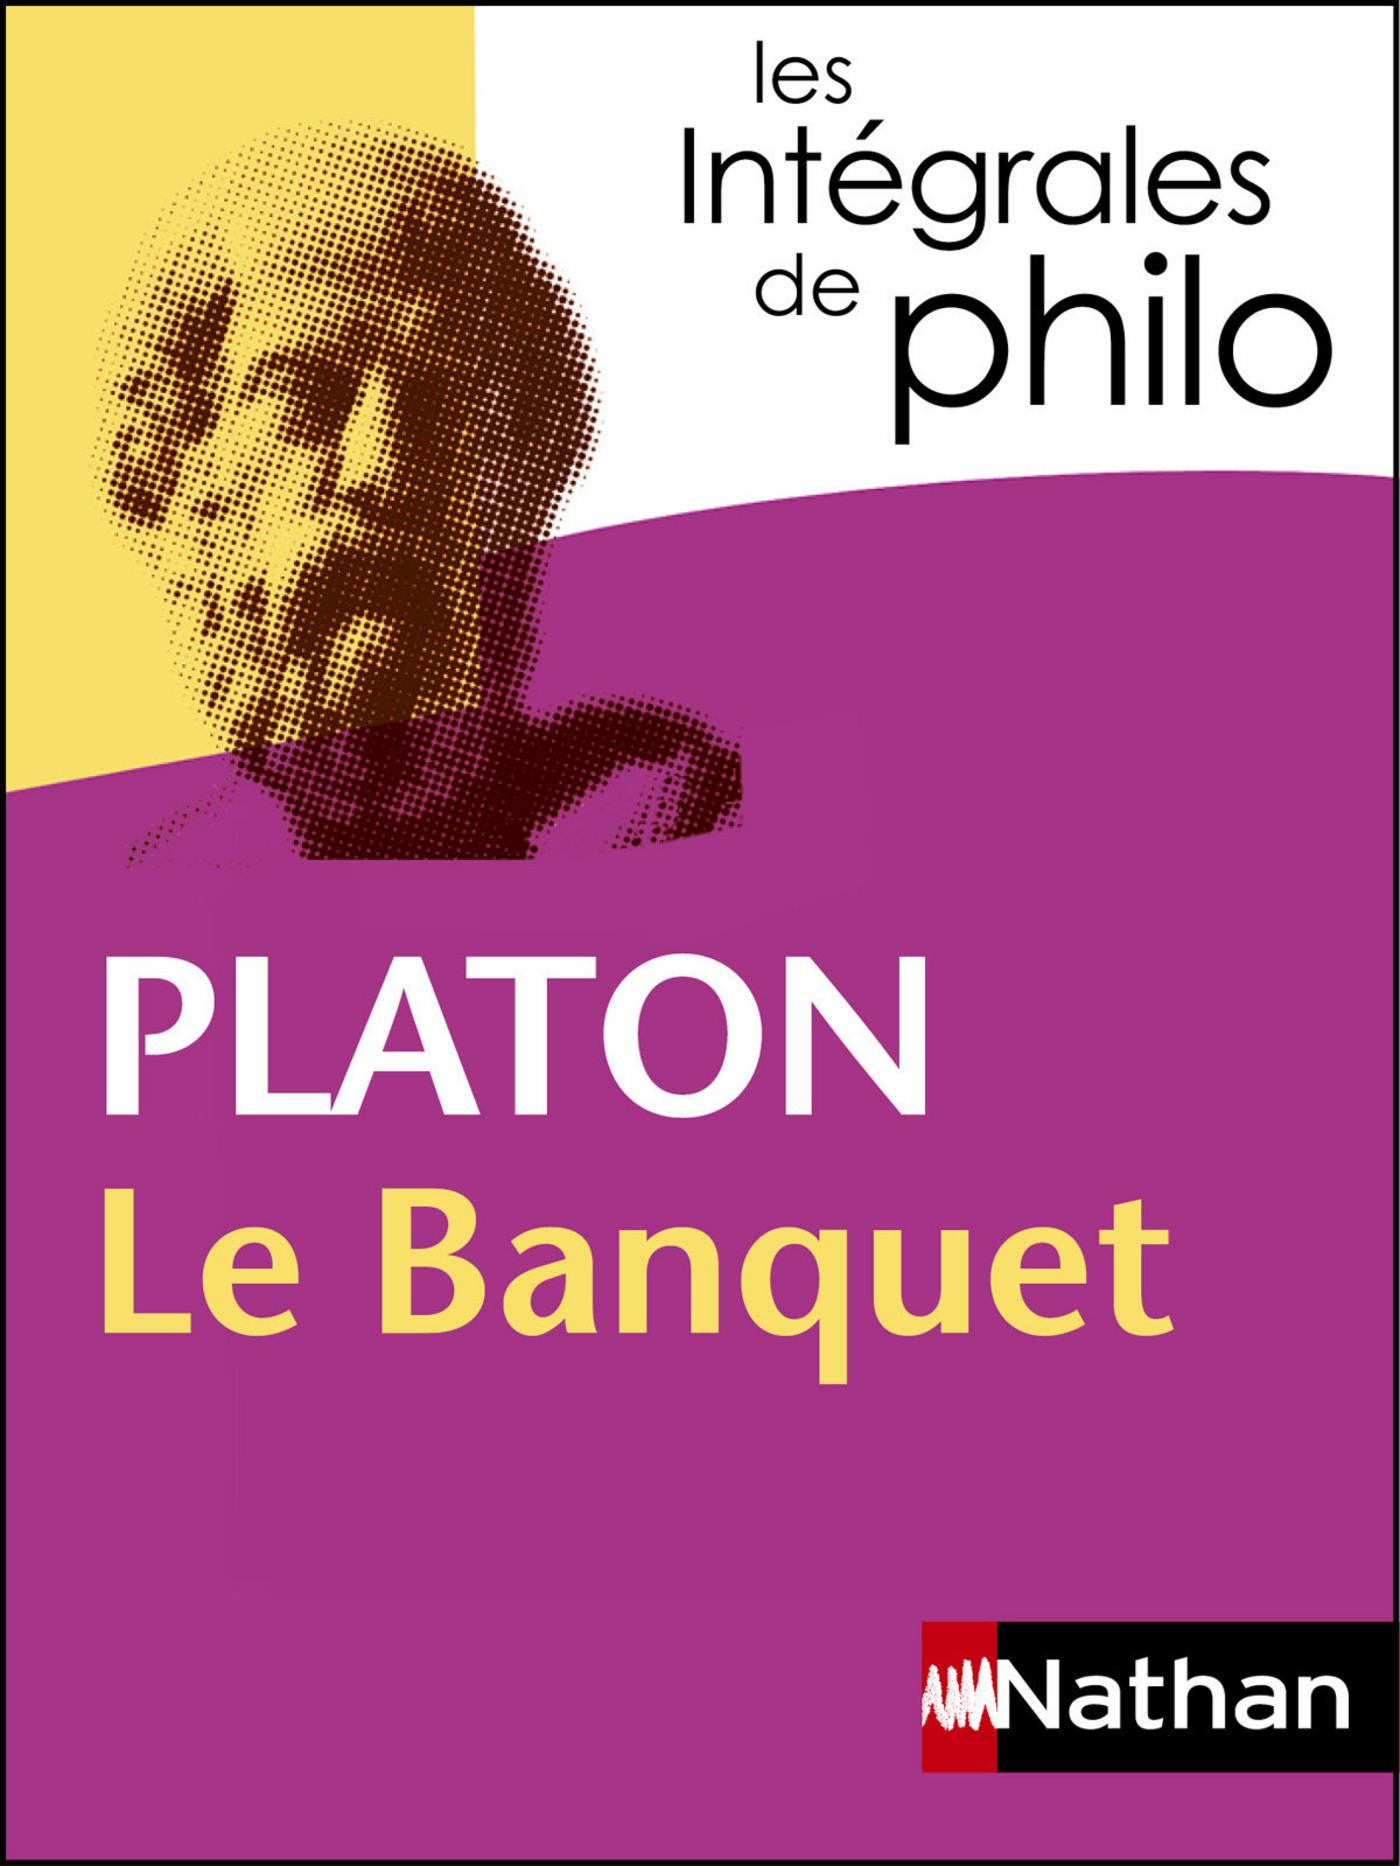 int 233 grales de philo platon le banquet ebook 183 ebooks 183 el corte ingl 233 s